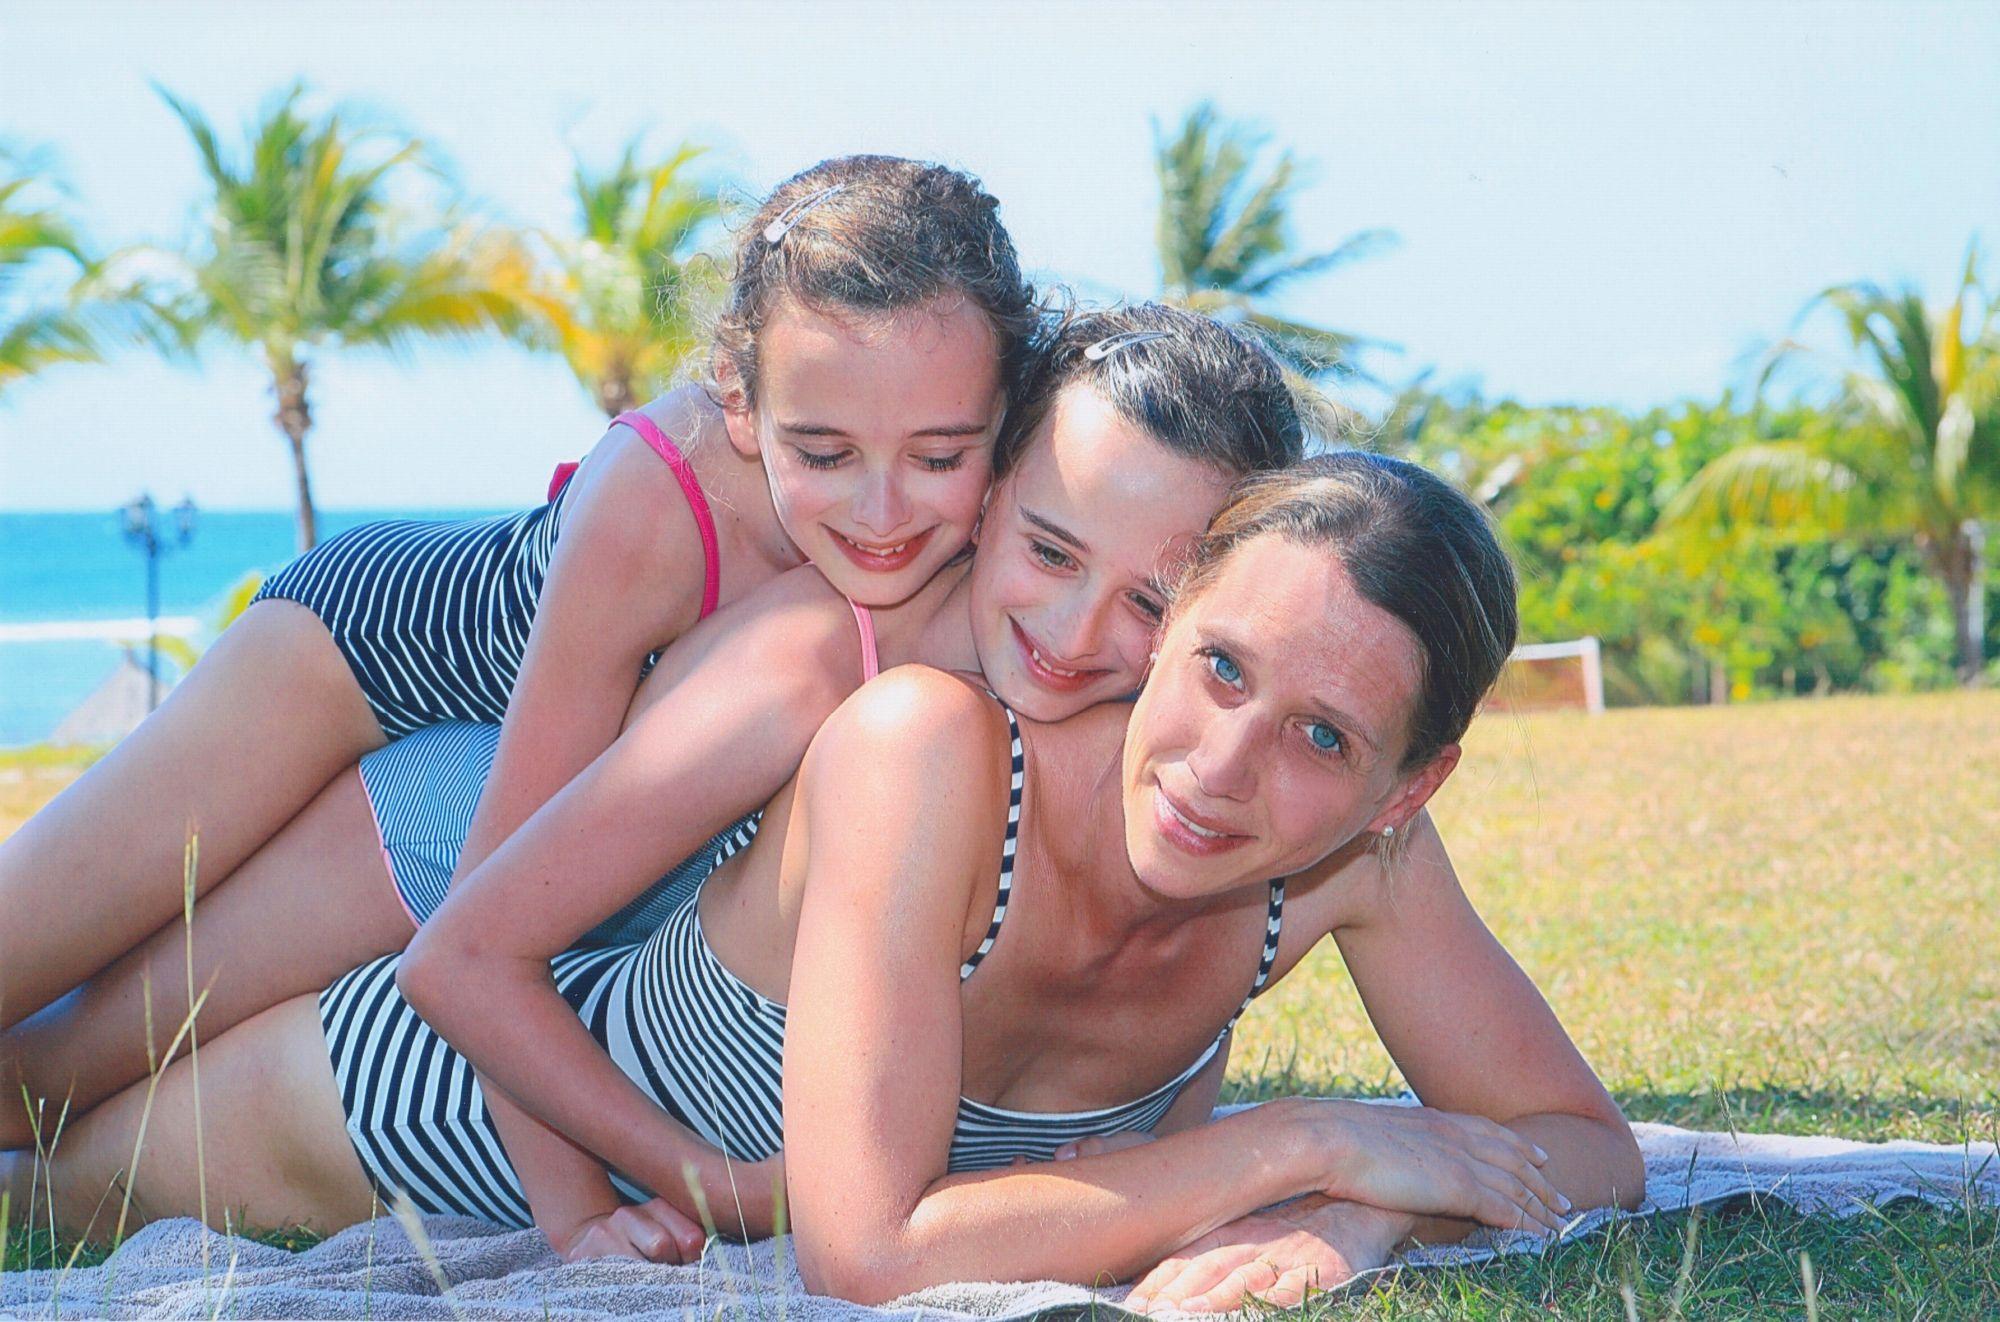 pierre et vacances - guadeloupe - séance photo famille